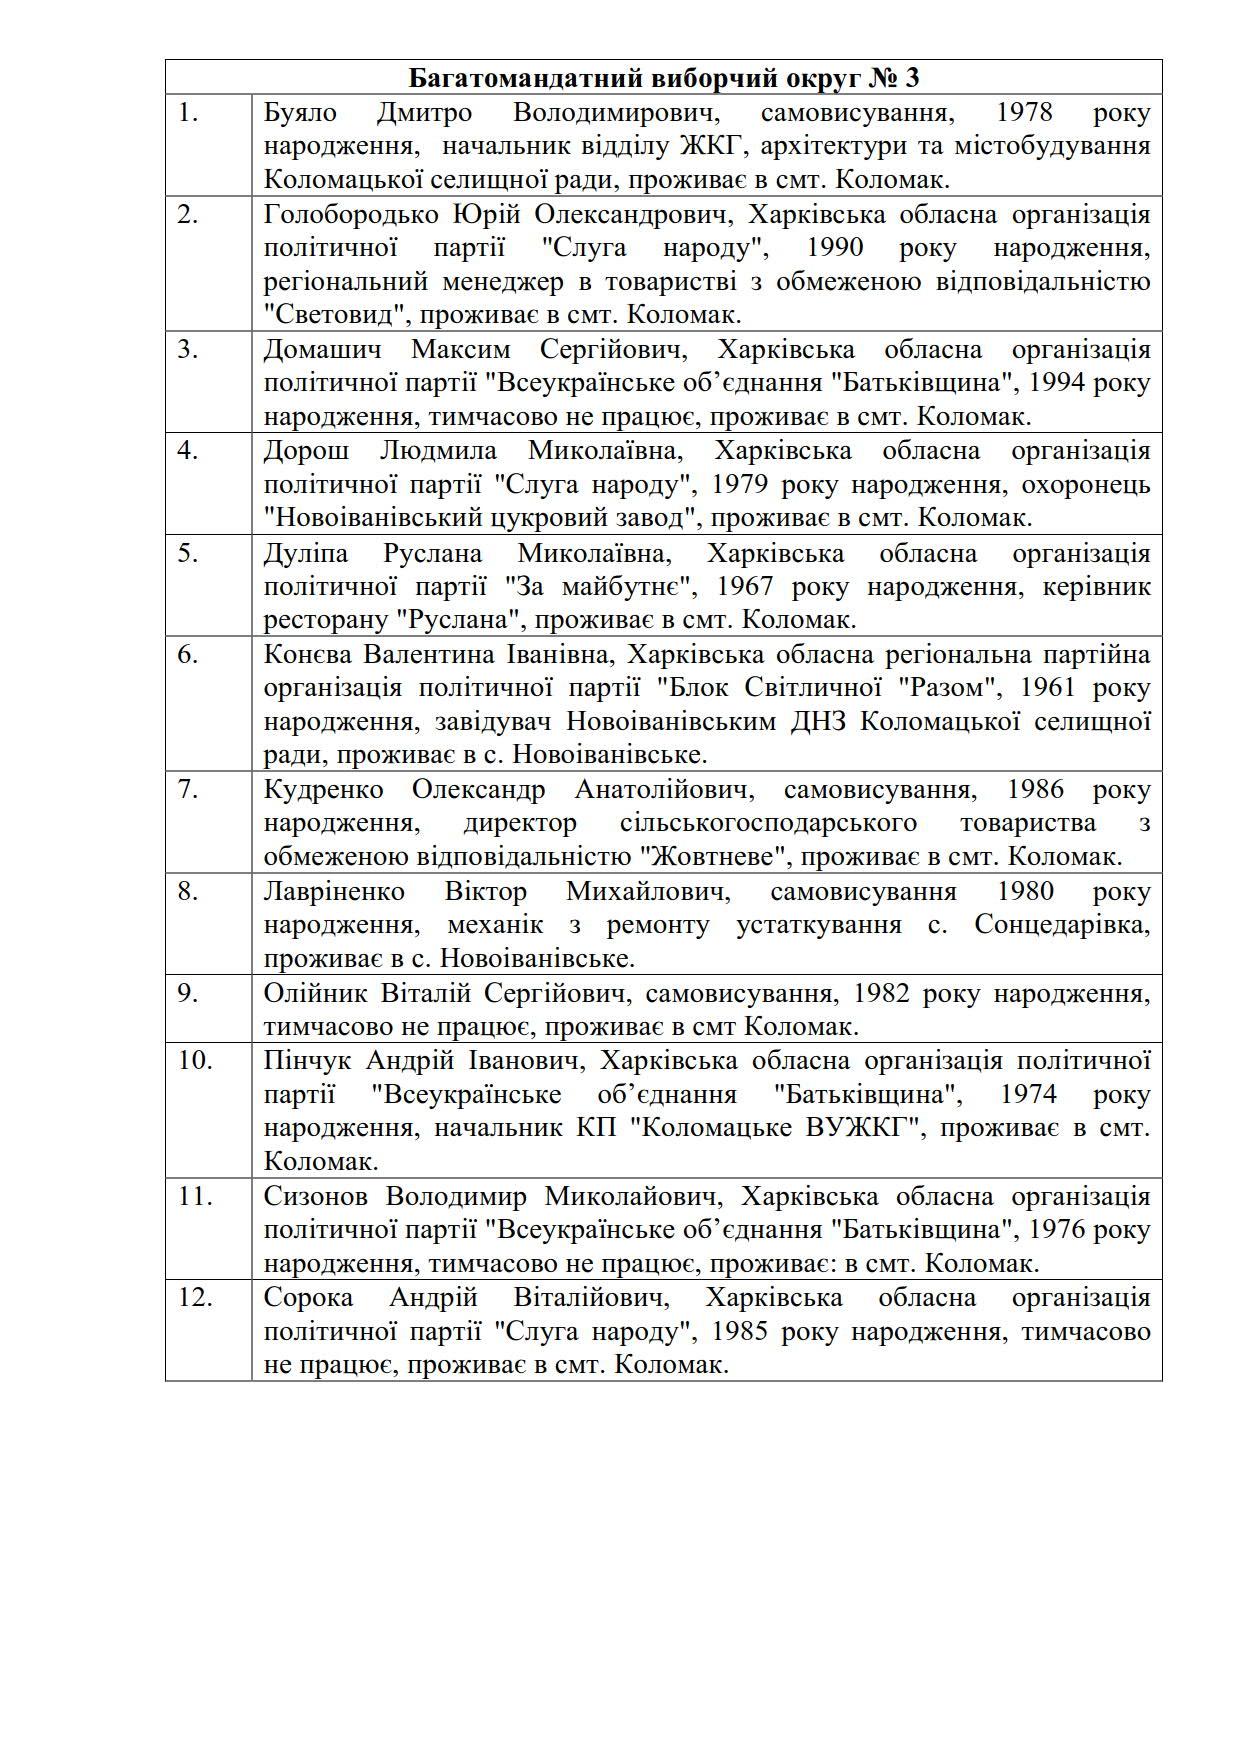 Список депутатів 2020_3